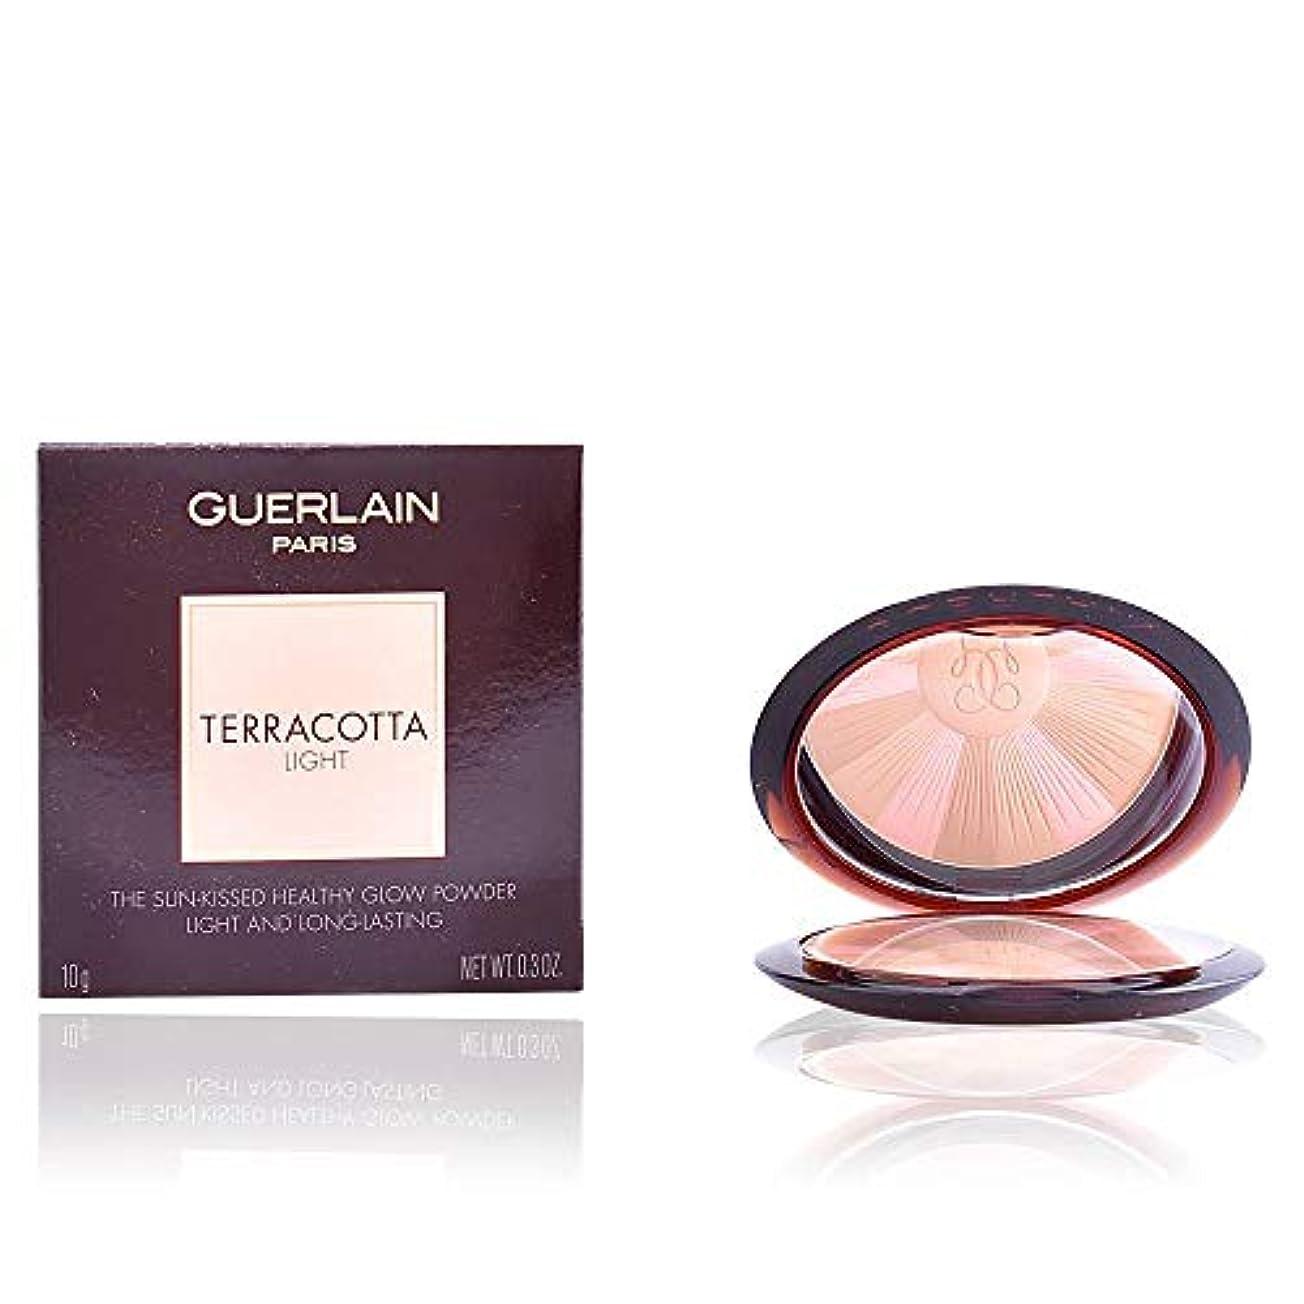 時折喜びミニゲラン Terracotta Light The Sun Kissed Healthy Glow Powder - # 01 Light Warm 10g/0.3oz並行輸入品